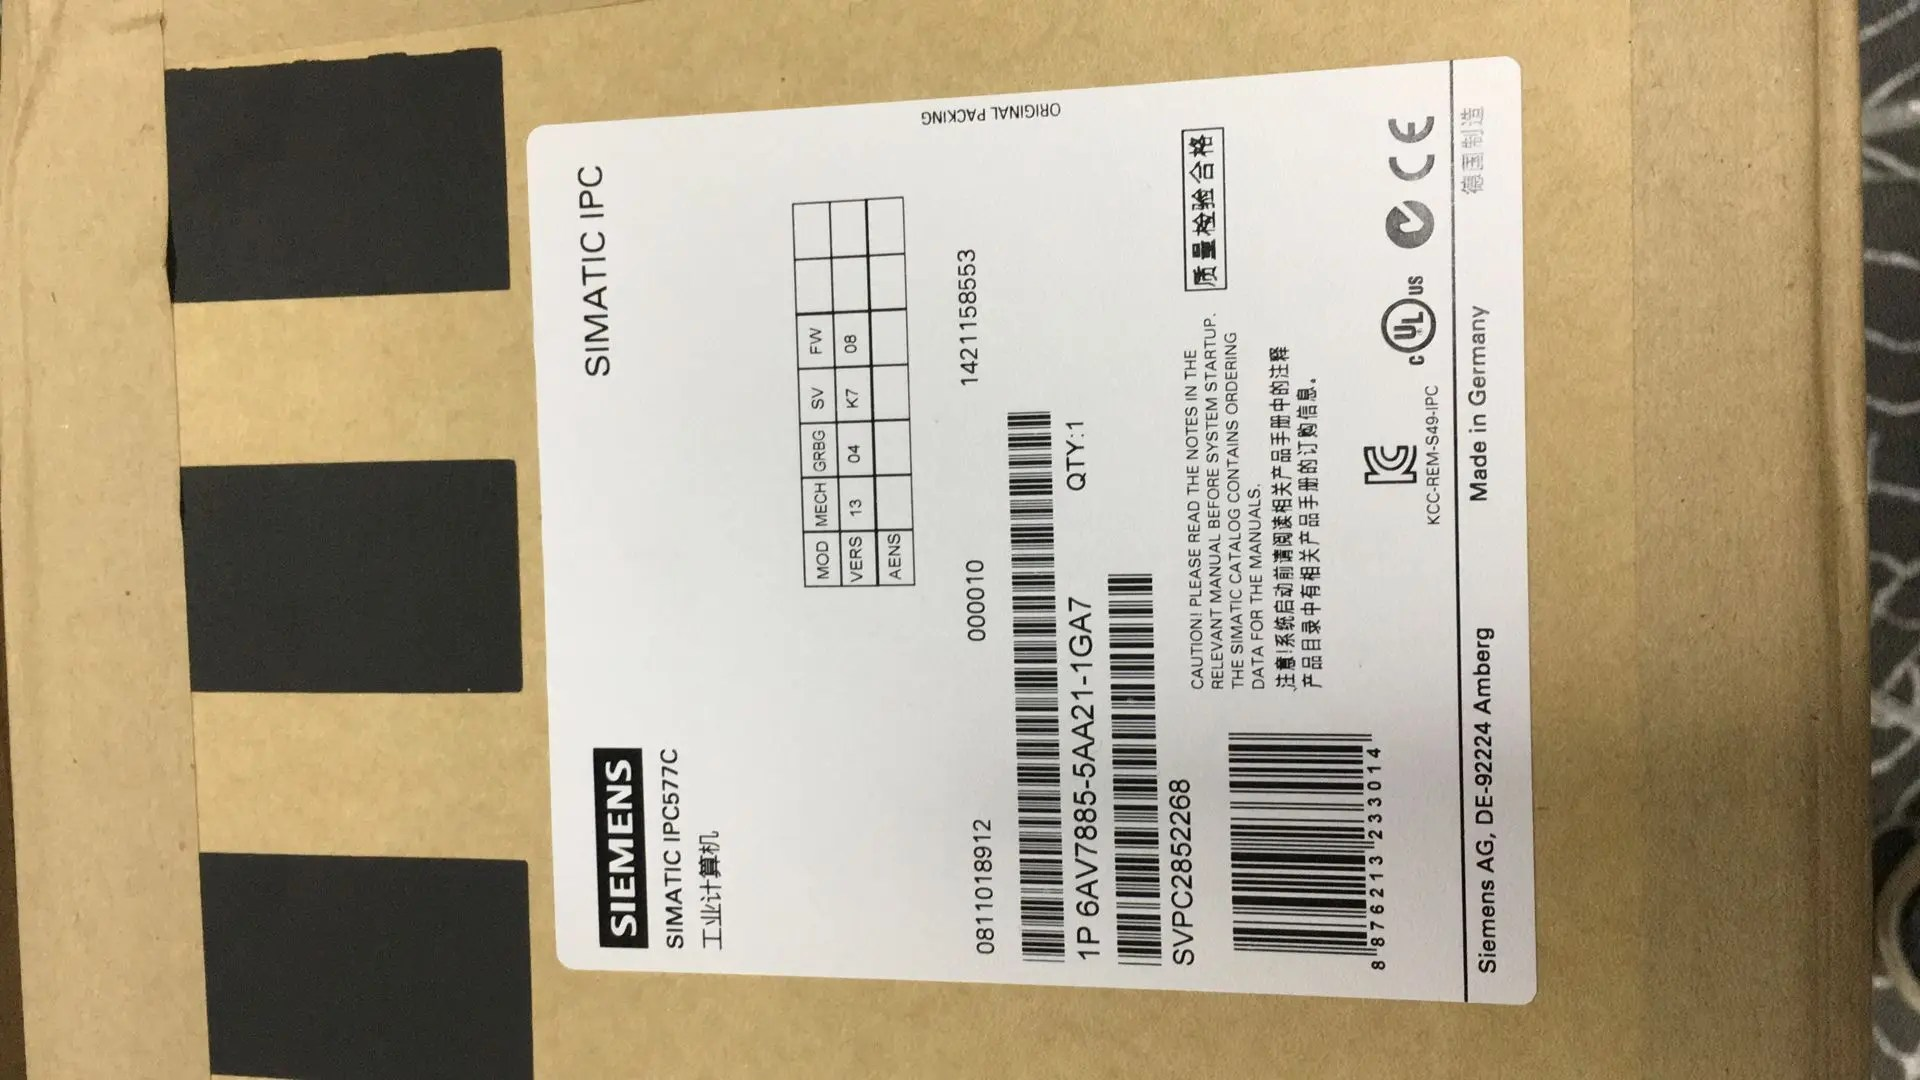 6AV7802-1BC31-0AB0